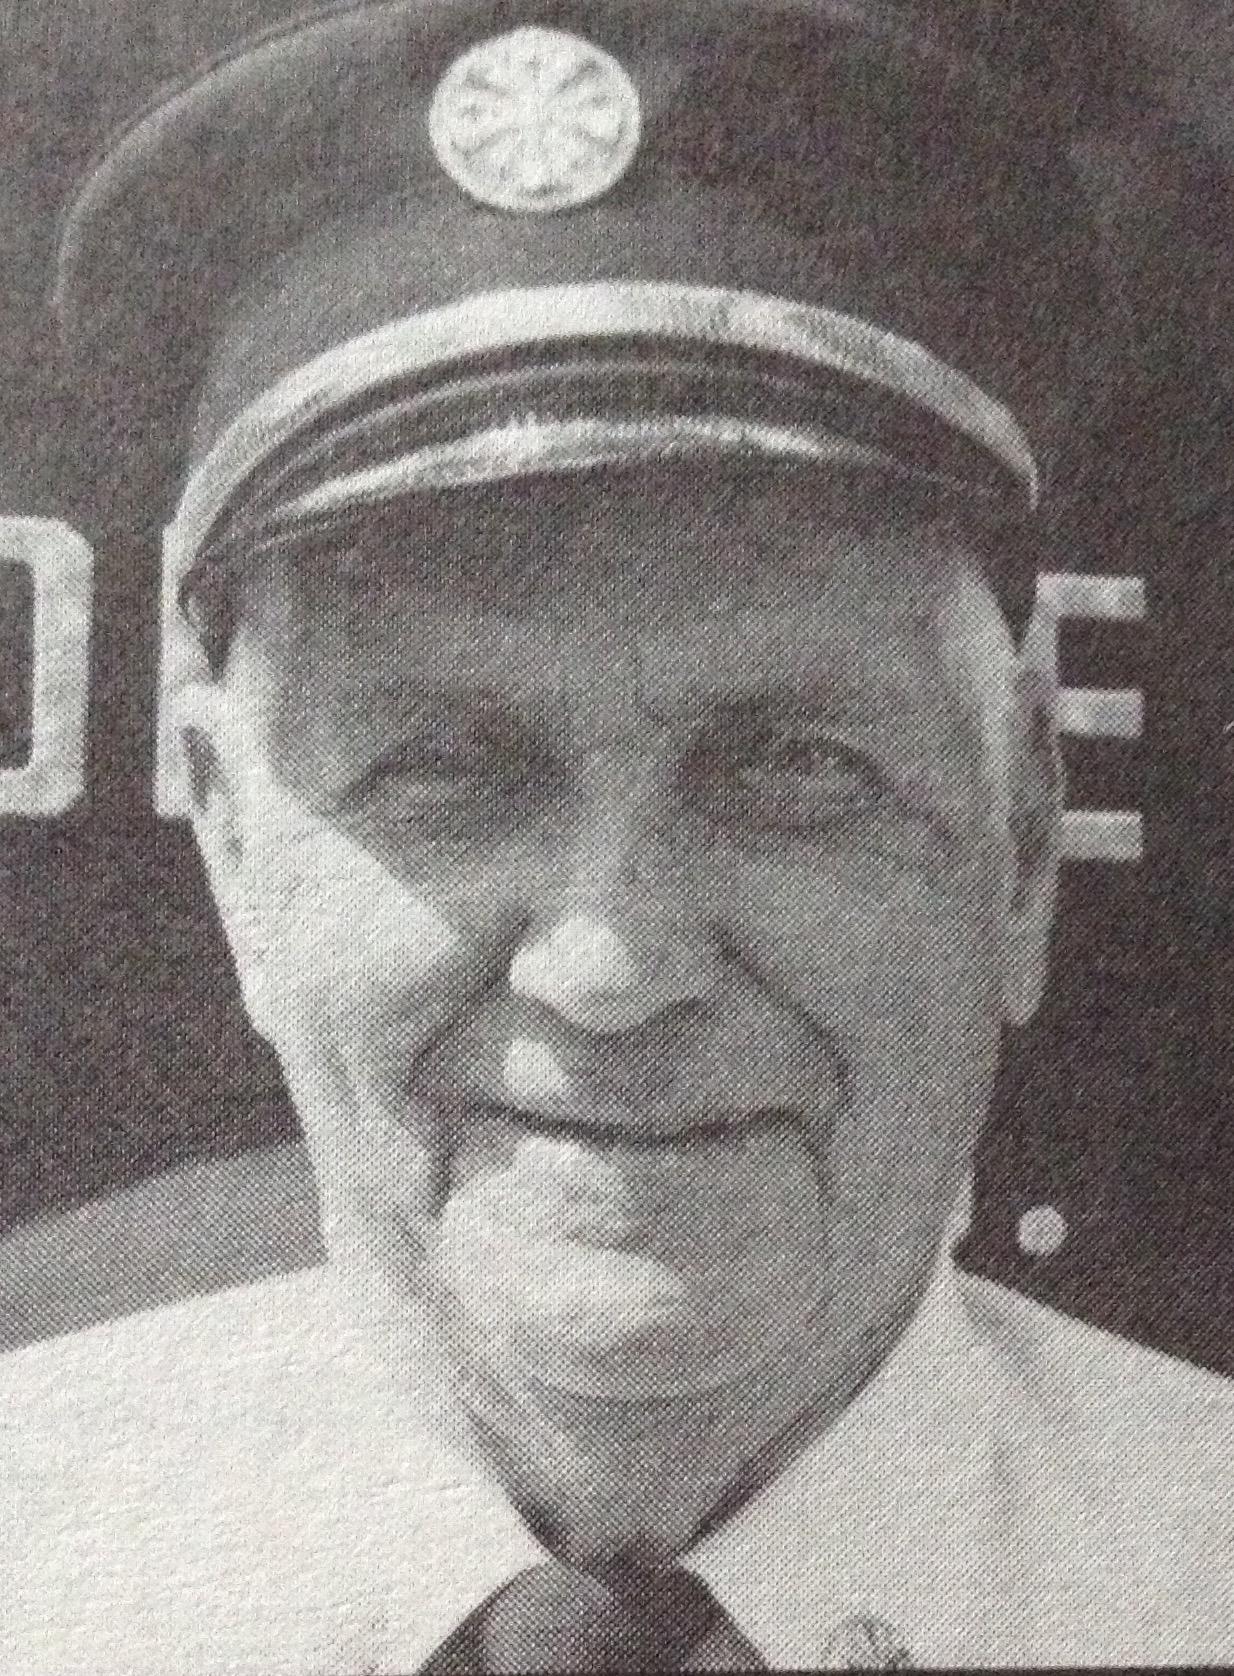 Chief Alfred Conti